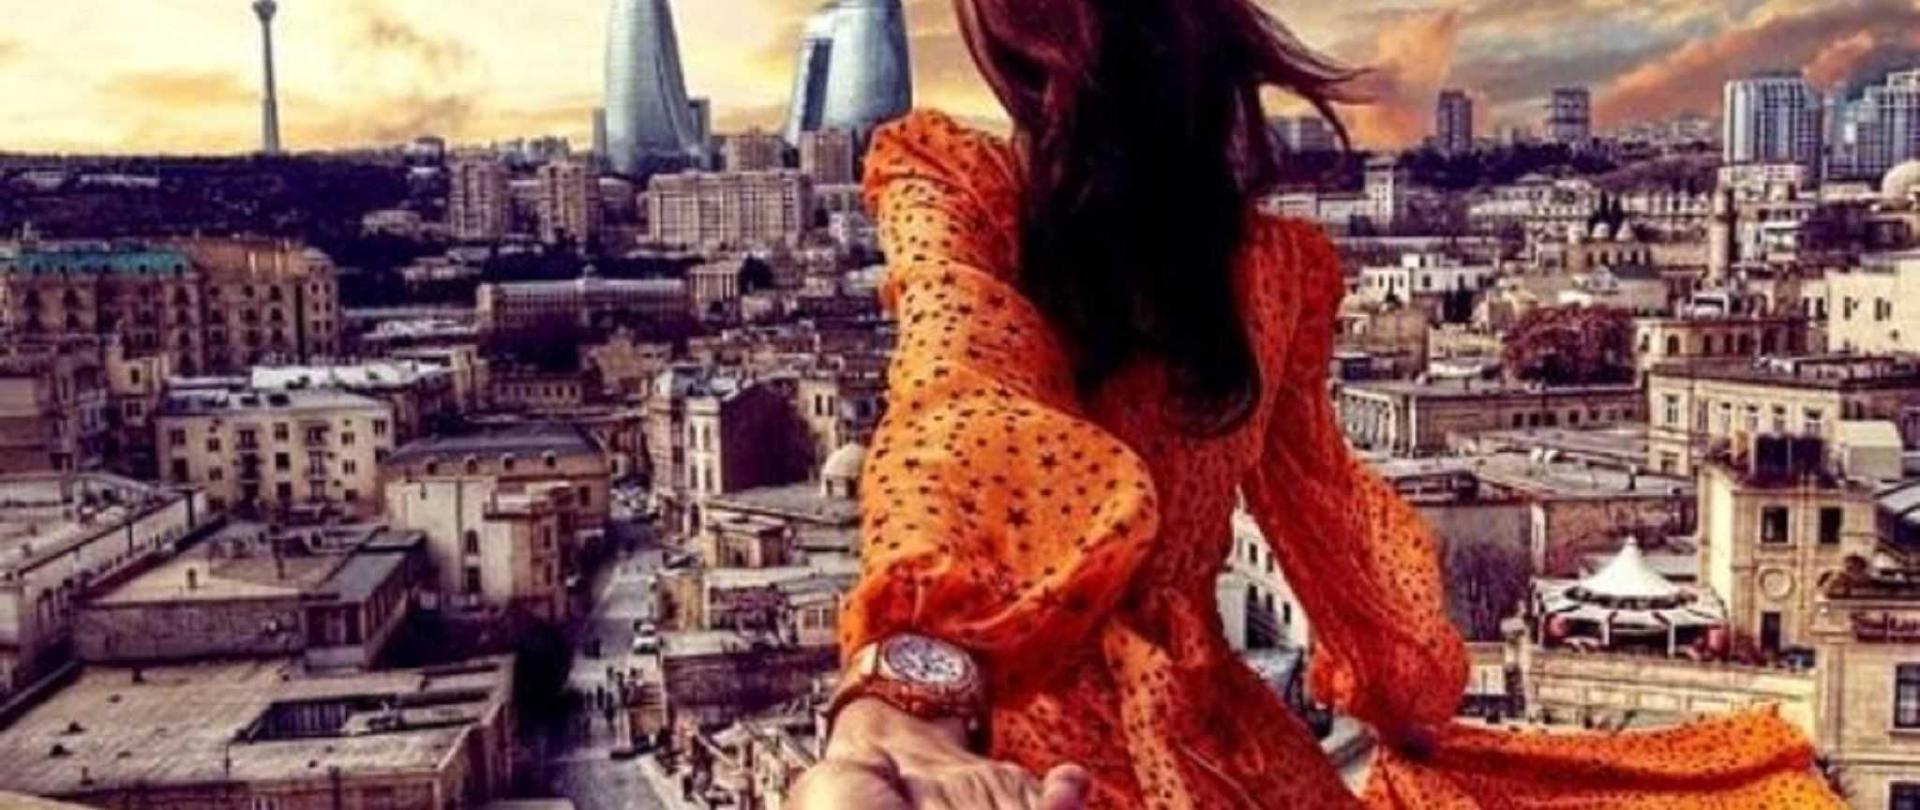 ed017460840a213ab83339d9f214e4b3-baku-azerbaijan-follow-me-to.jpg